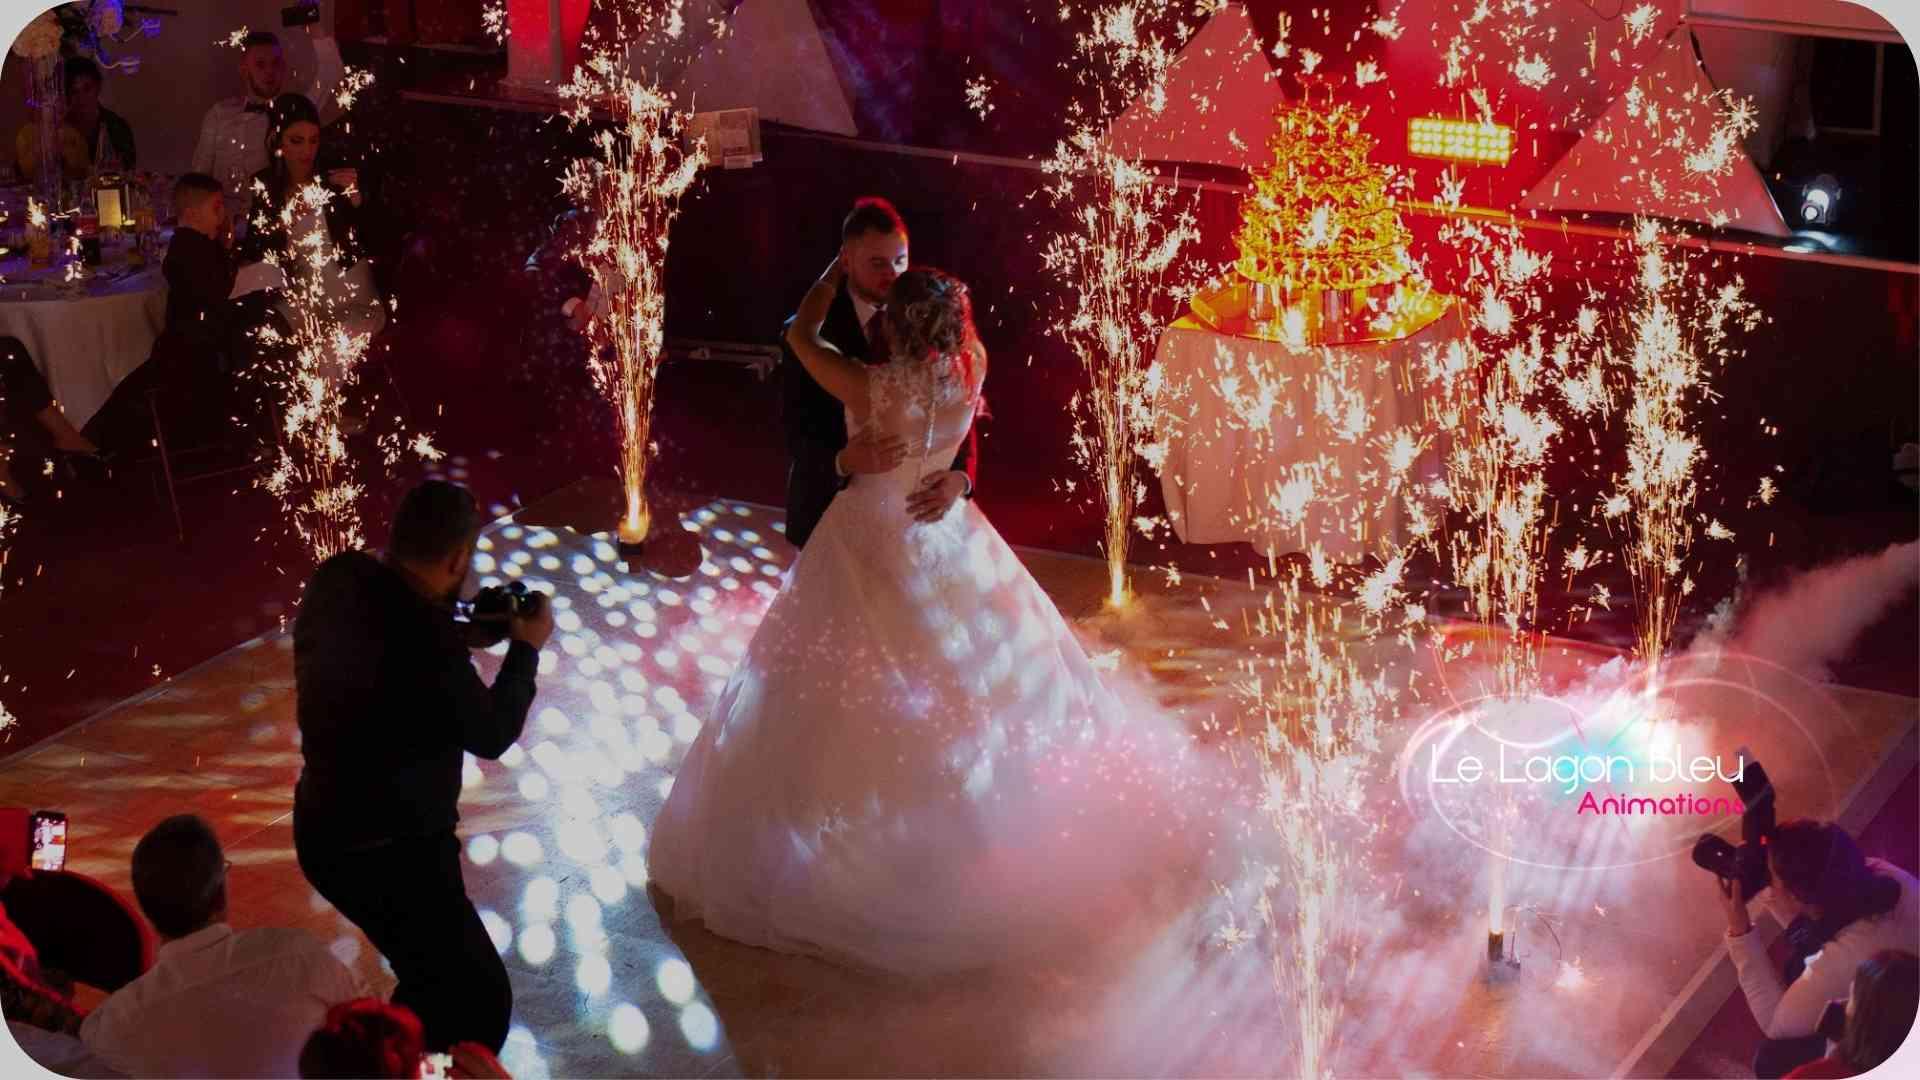 Ouverture de bal, mariages, le lagon bleu animation